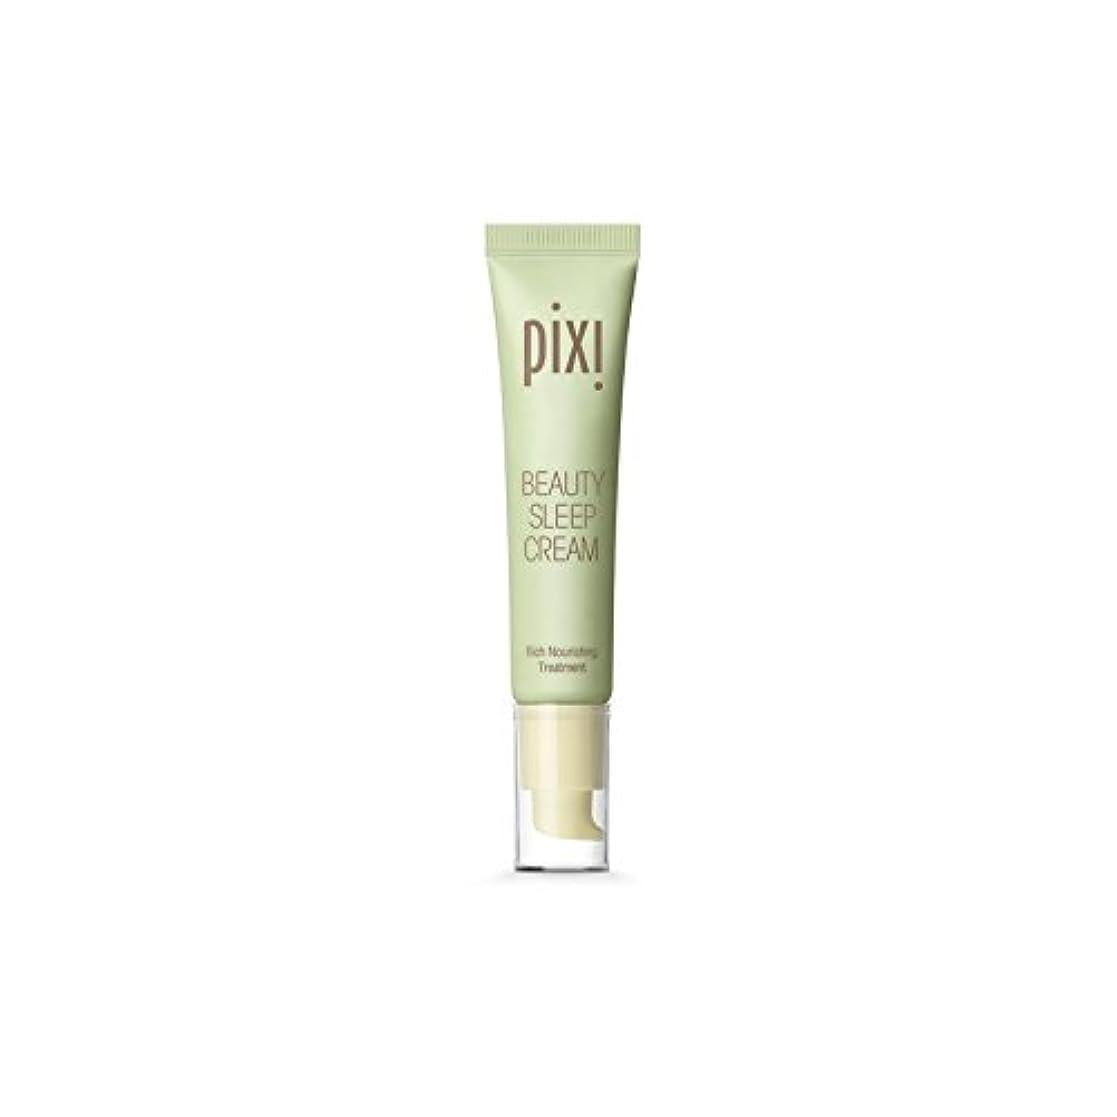 弱い壊すレーニン主義Pixi Beauty Sleep Cream - 美しさの睡眠クリーム [並行輸入品]